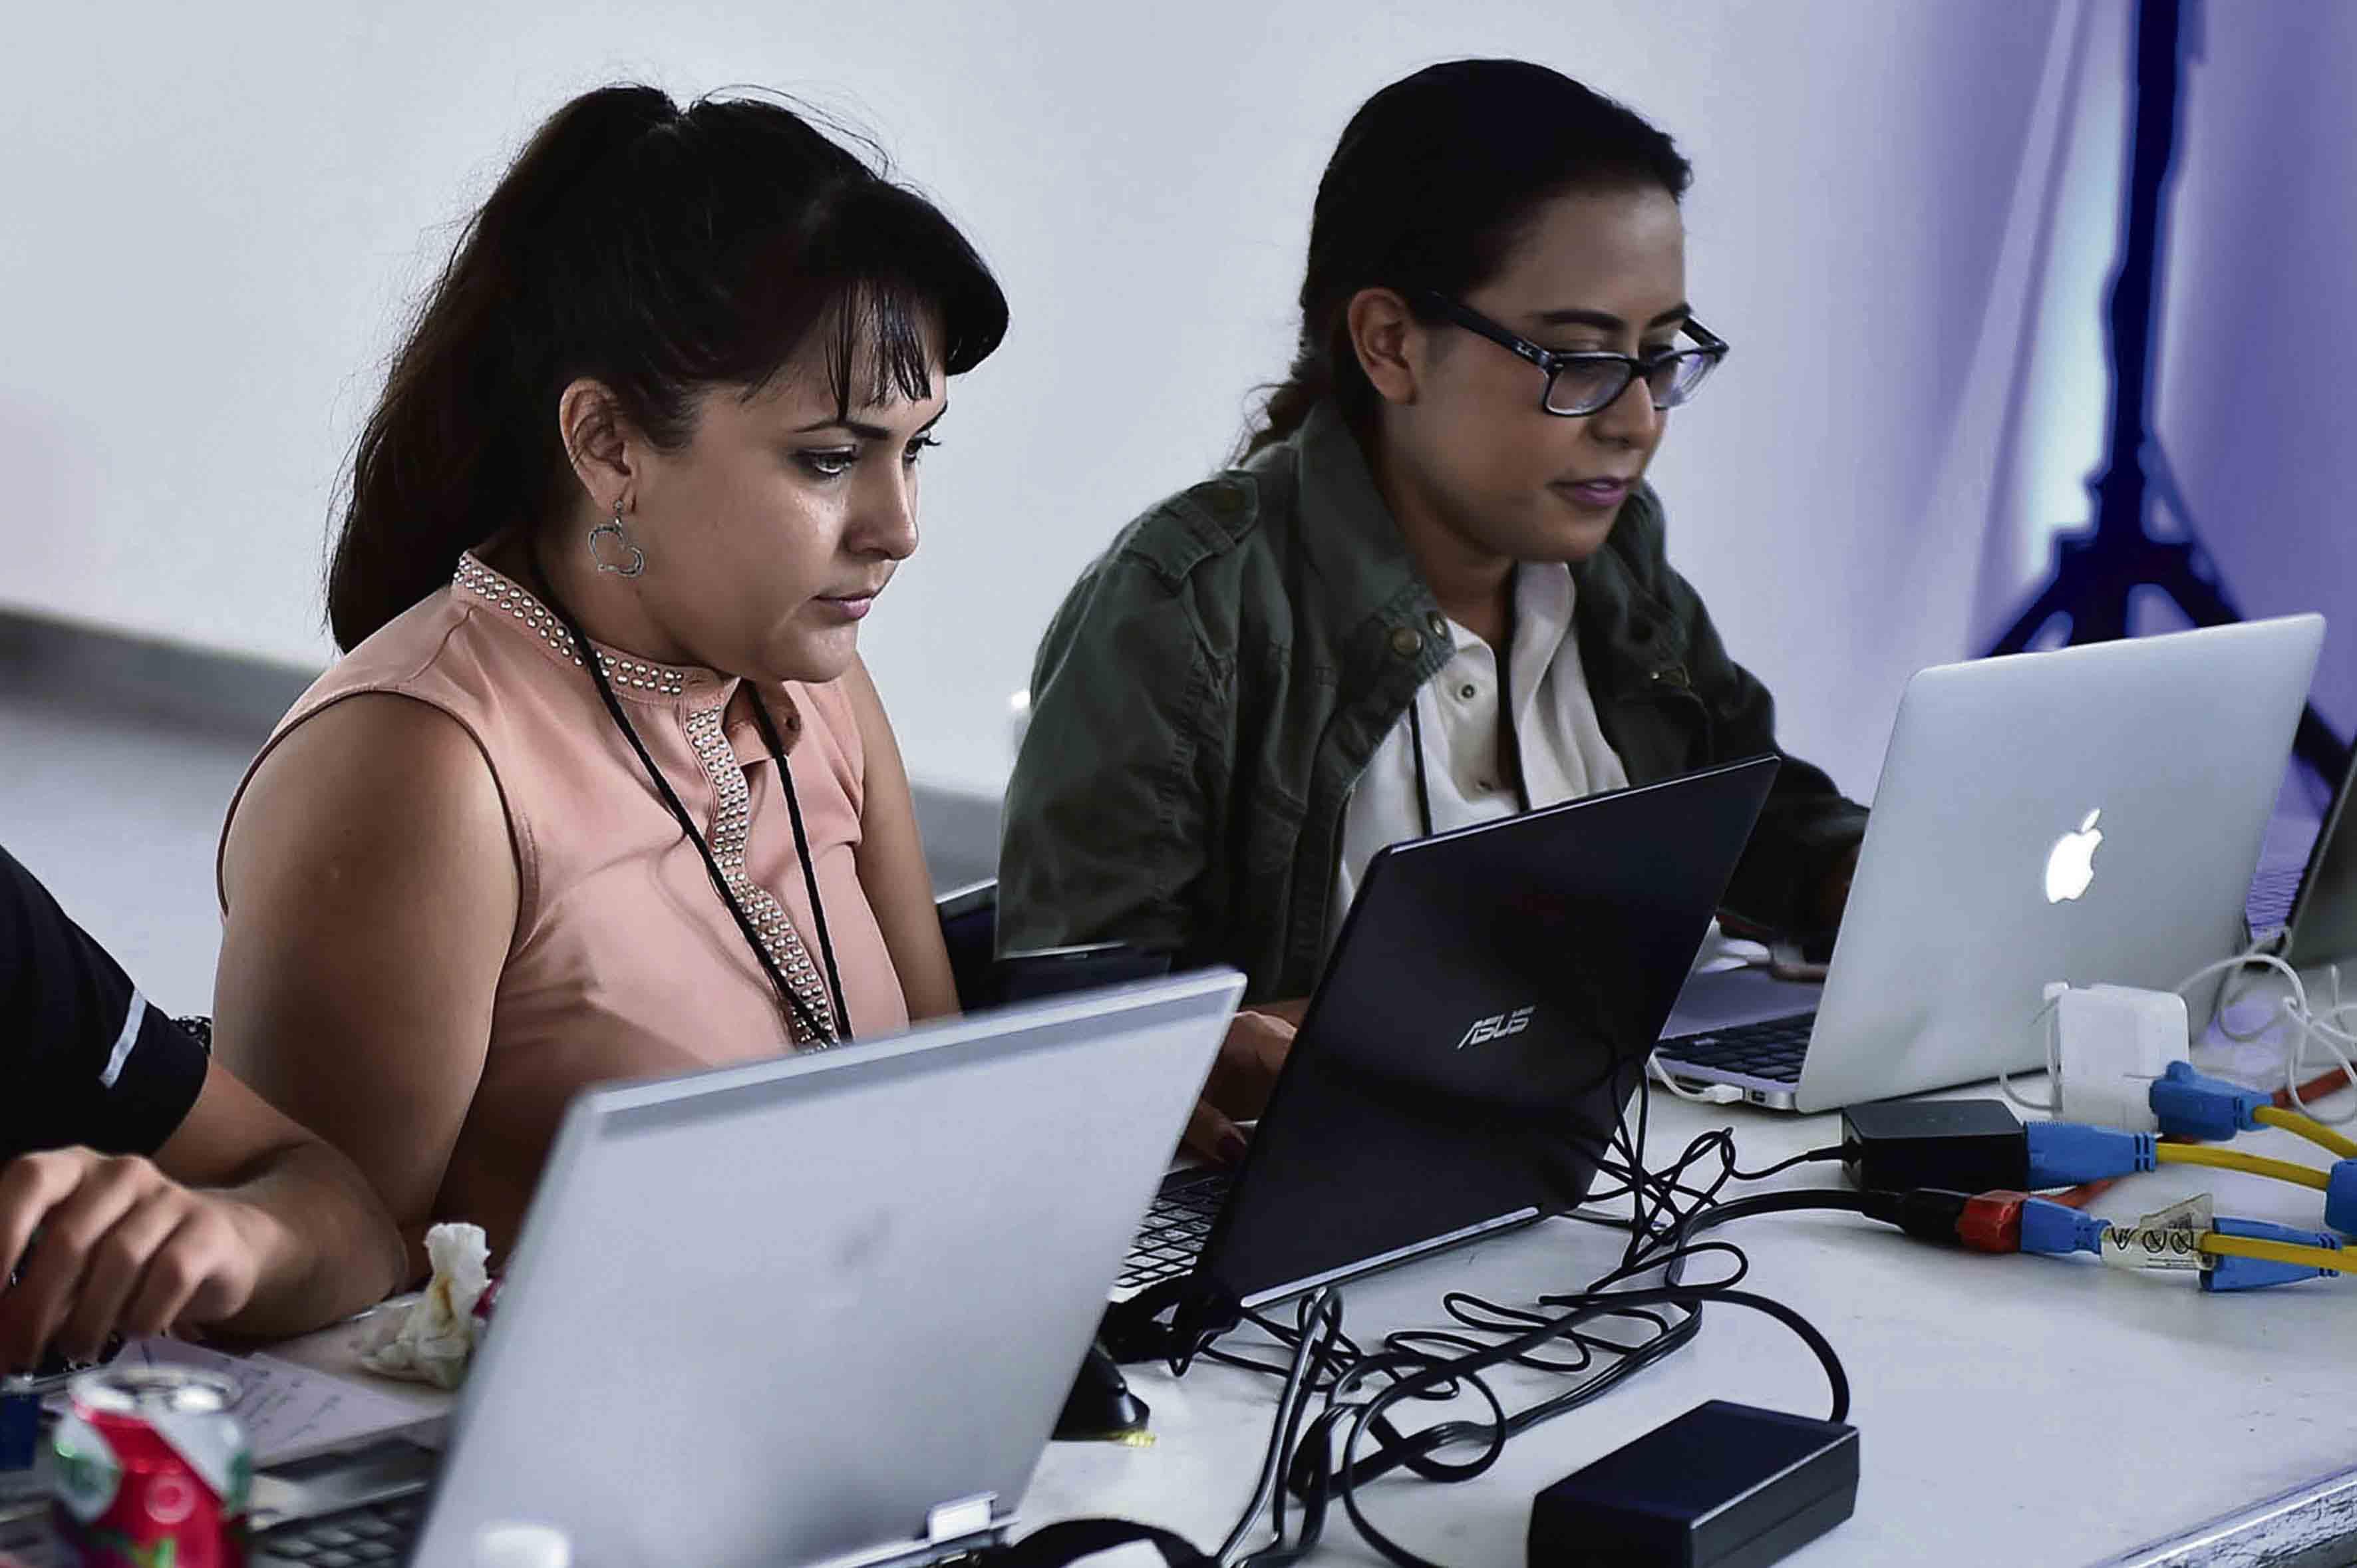 Mujeres estudiantes, haciendo uso de equipos de cómputo.